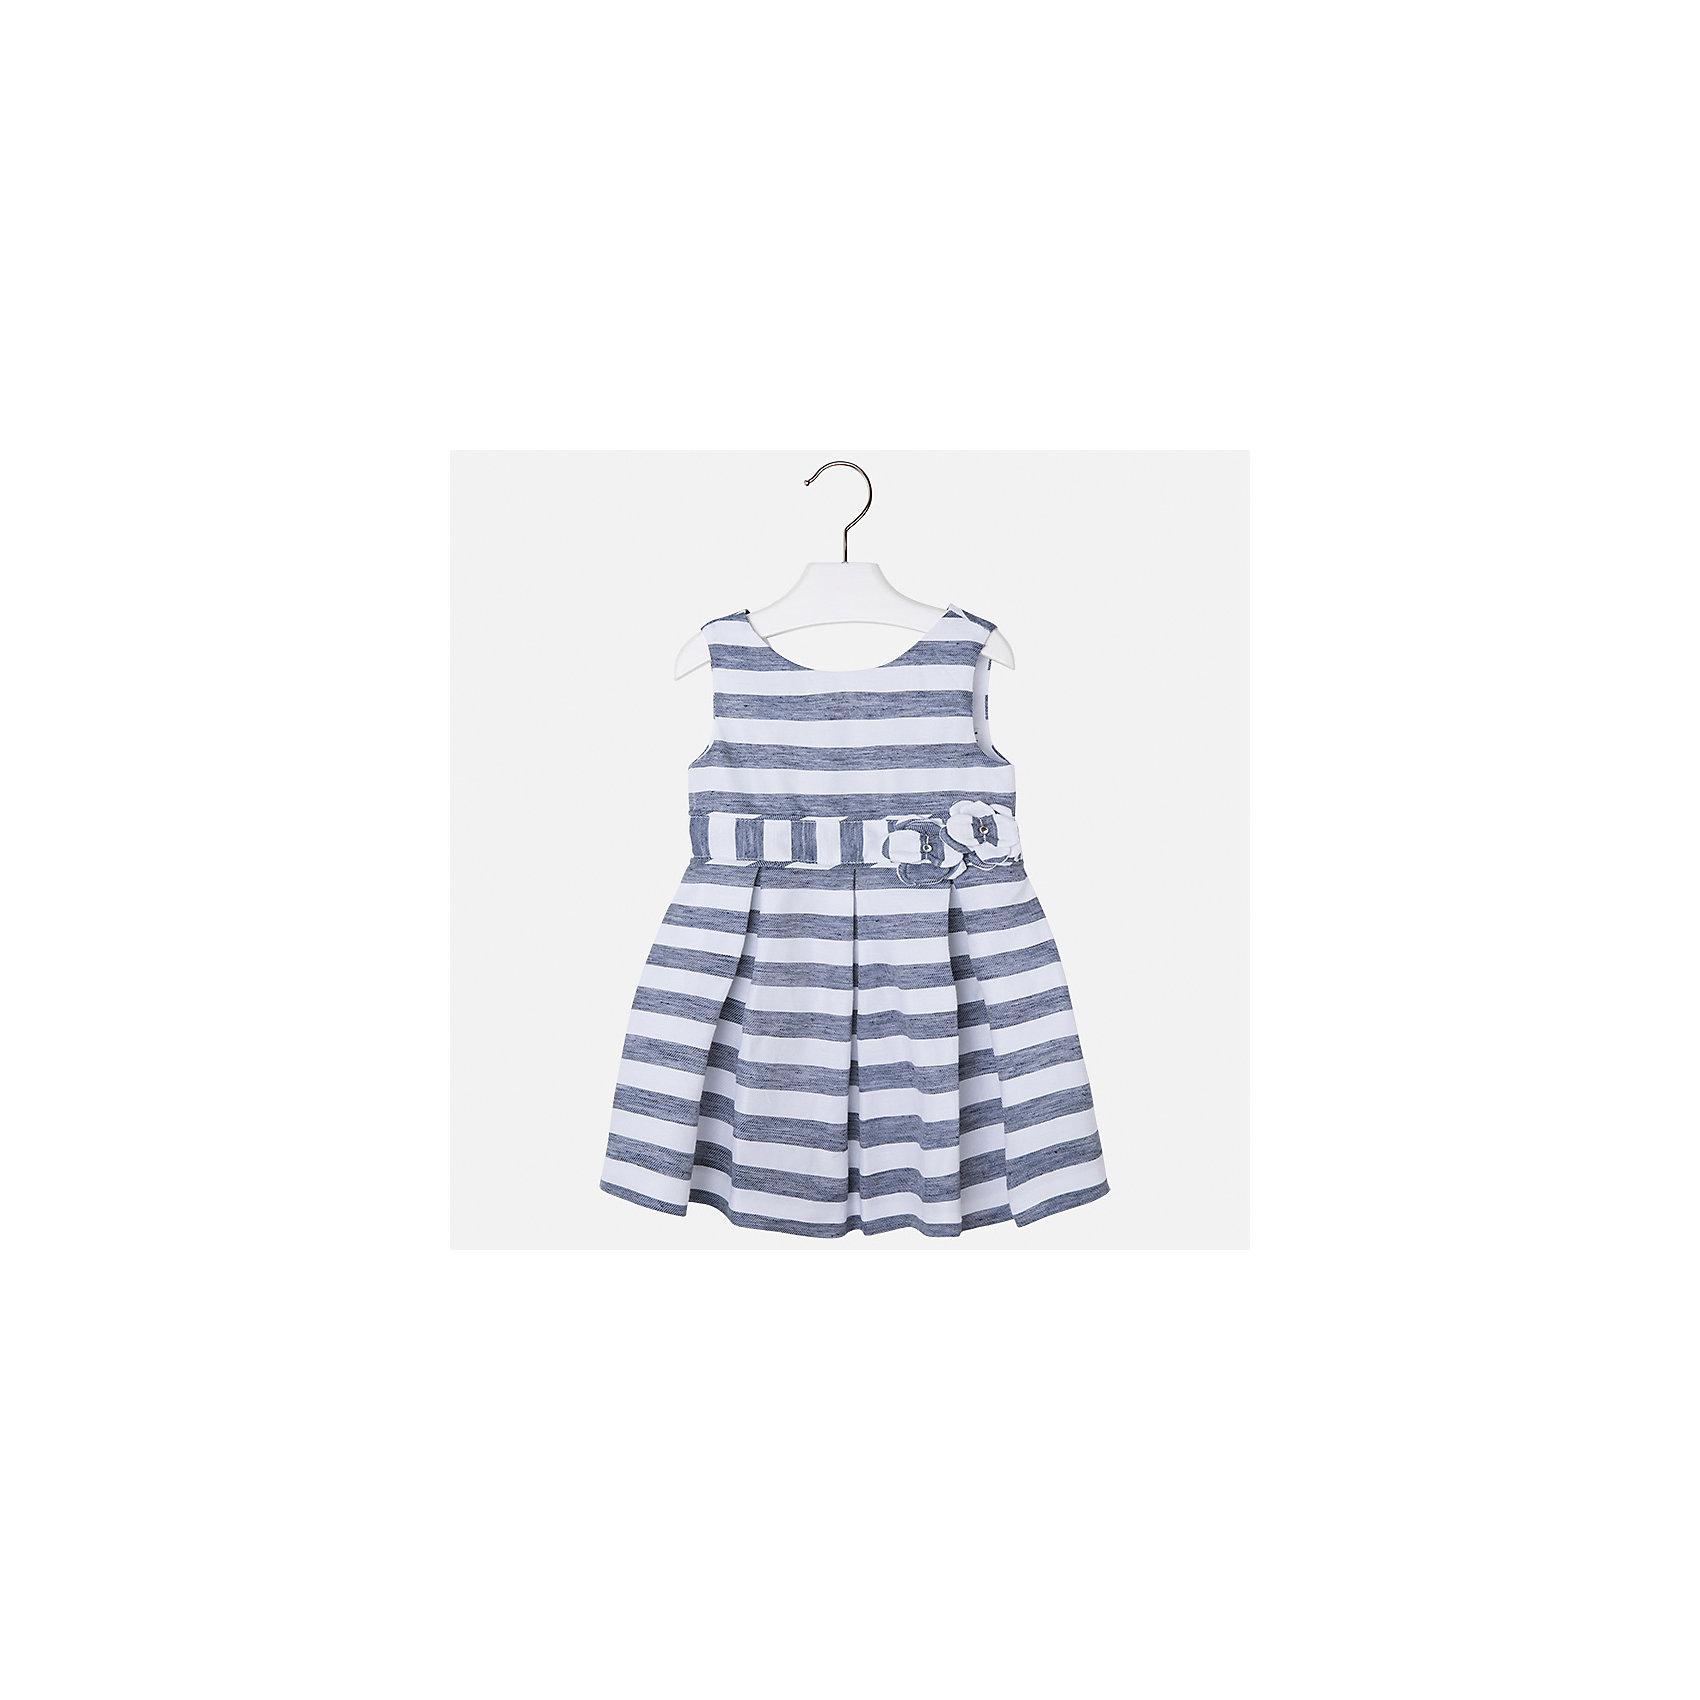 Платье для девочки MayoralЛетние платья и сарафаны<br>Характеристики товара:<br><br>• цвет: синий/белый<br>• состав: 53% полиэстер, 47% лен, подкладка - 65% полиэстер, 35% хлопок<br>• застежка: молния<br>• украшено цветами<br>• без рукавов<br>• с подкладкой<br>• страна бренда: Испания<br><br>Нарядное платье для девочки поможет разнообразить гардероб ребенка и создать эффектный наряд. Оно отлично подойдет для торжественных случаев или на каждый день. Красивый оттенок позволяет подобрать к вещи обувь разных расцветок. В составе материала подкладки - натуральный хлопок, гипоаллергенный, приятный на ощупь, дышащий. Платье хорошо сидит по фигуре.<br><br>Одежда, обувь и аксессуары от испанского бренда Mayoral полюбились детям и взрослым по всему миру. Модели этой марки - стильные и удобные. Для их производства используются только безопасные, качественные материалы и фурнитура. Порадуйте ребенка модными и красивыми вещами от Mayoral! <br><br>Платье для девочки от испанского бренда Mayoral (Майорал) можно купить в нашем интернет-магазине.<br><br>Ширина мм: 236<br>Глубина мм: 16<br>Высота мм: 184<br>Вес г: 177<br>Цвет: синий<br>Возраст от месяцев: 96<br>Возраст до месяцев: 108<br>Пол: Женский<br>Возраст: Детский<br>Размер: 134,92,98,104,110,116,122,128<br>SKU: 5291373